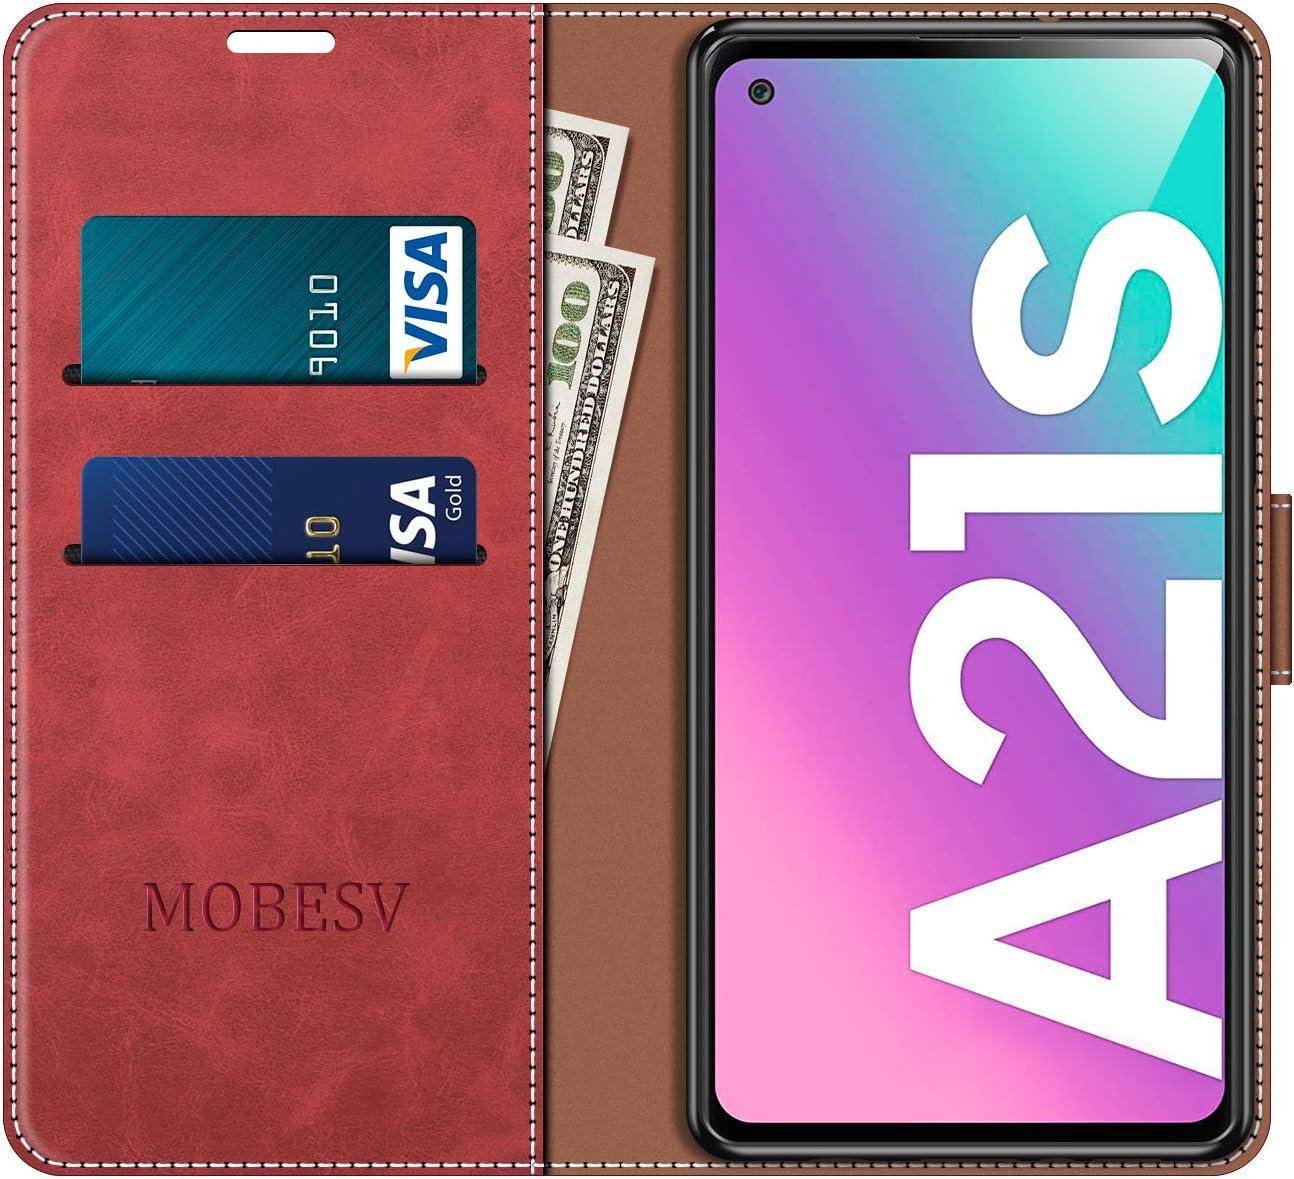 MOBESV Handyh/ülle f/ür Samsung Galaxy A21s H/ülle Leder Modisch Rot Samsung Galaxy A21s Klapph/ülle Handytasche Case f/ür Samsung Galaxy A21s Handy H/üllen